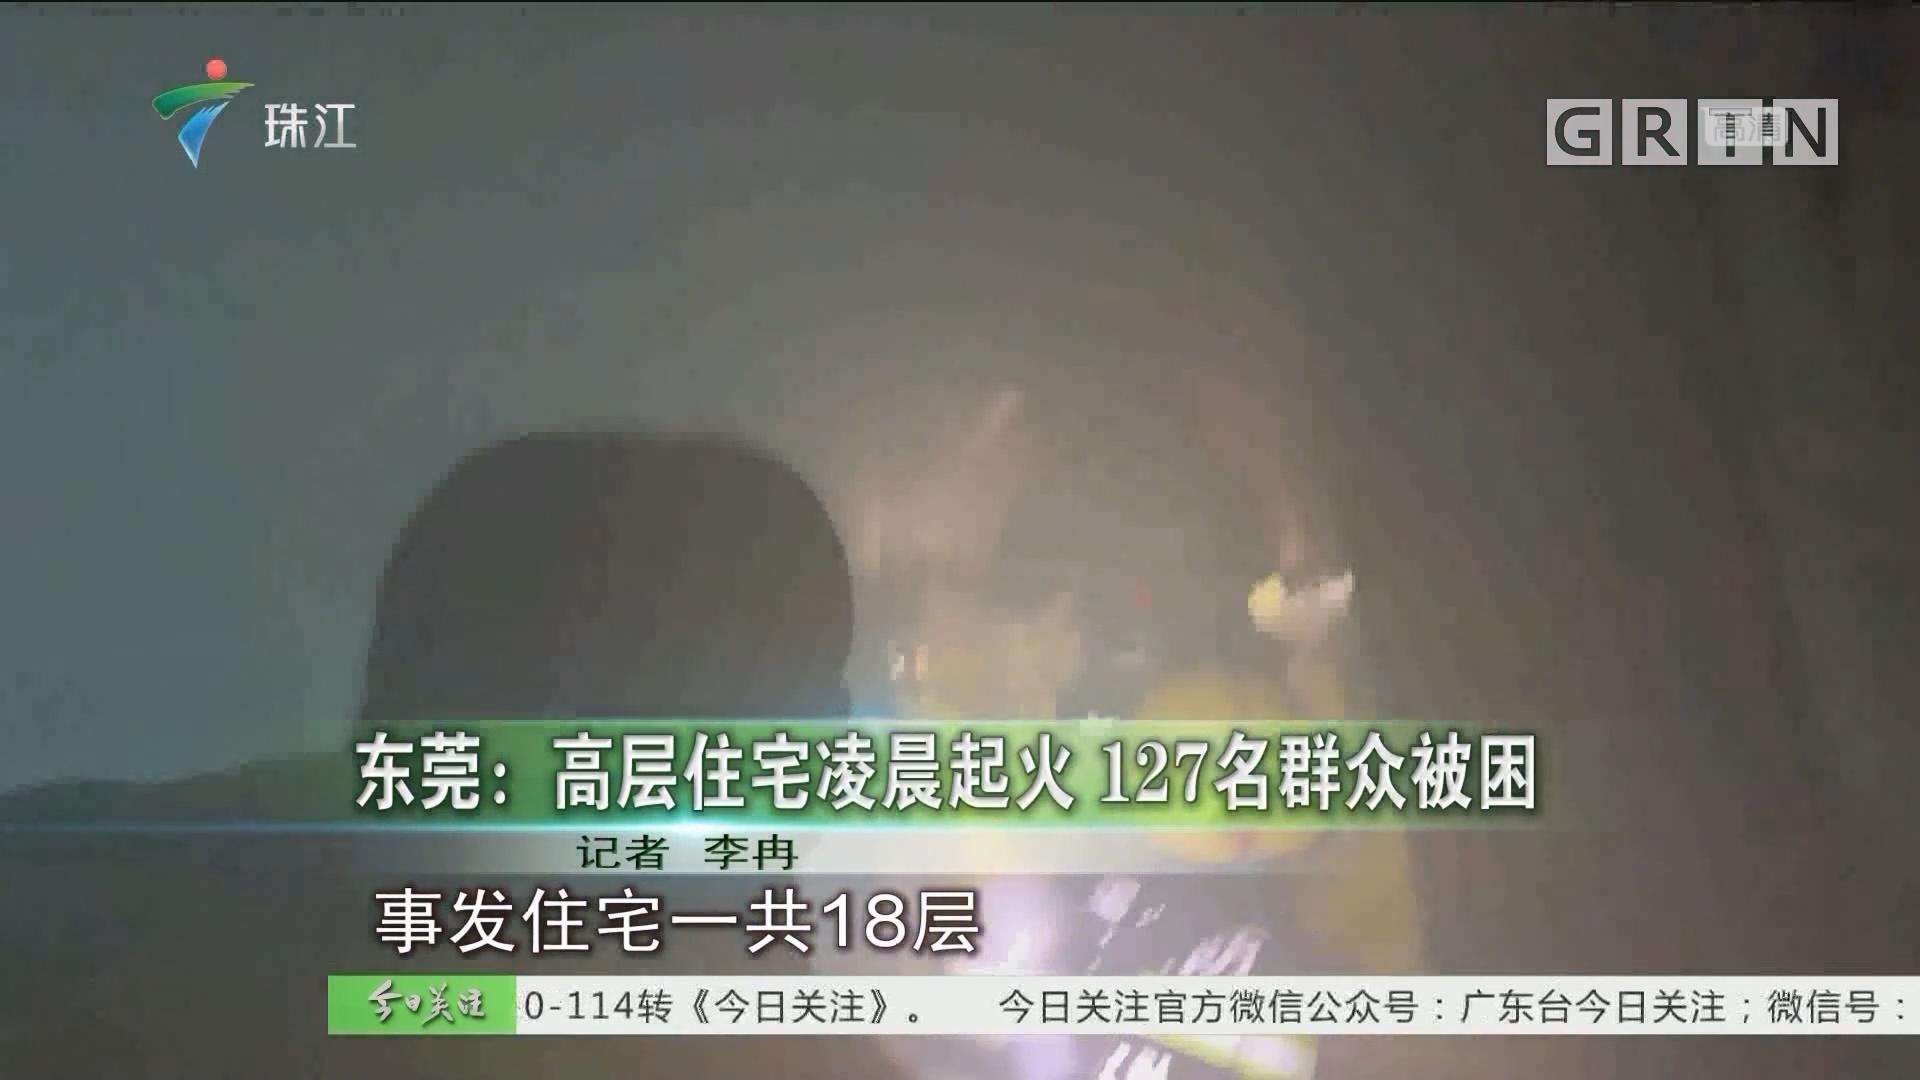 东莞:高层住宅凌晨起火 127名群众被困